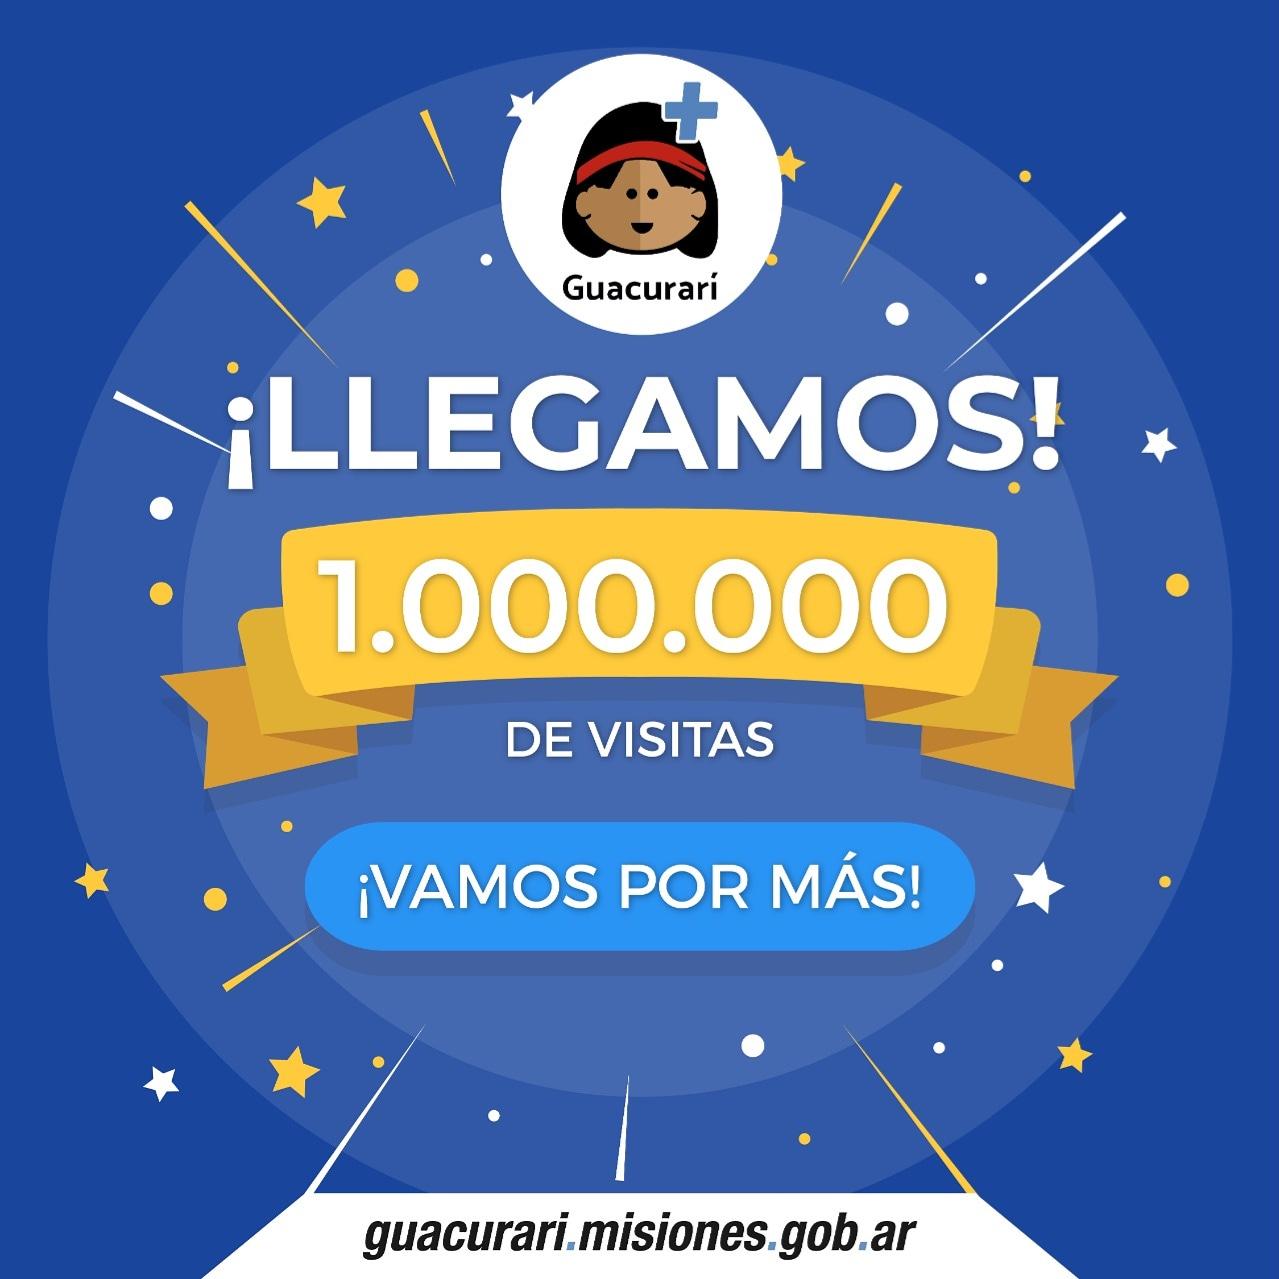 La plataforma Guacurarí superó el millón de visitas a contenidos educativos